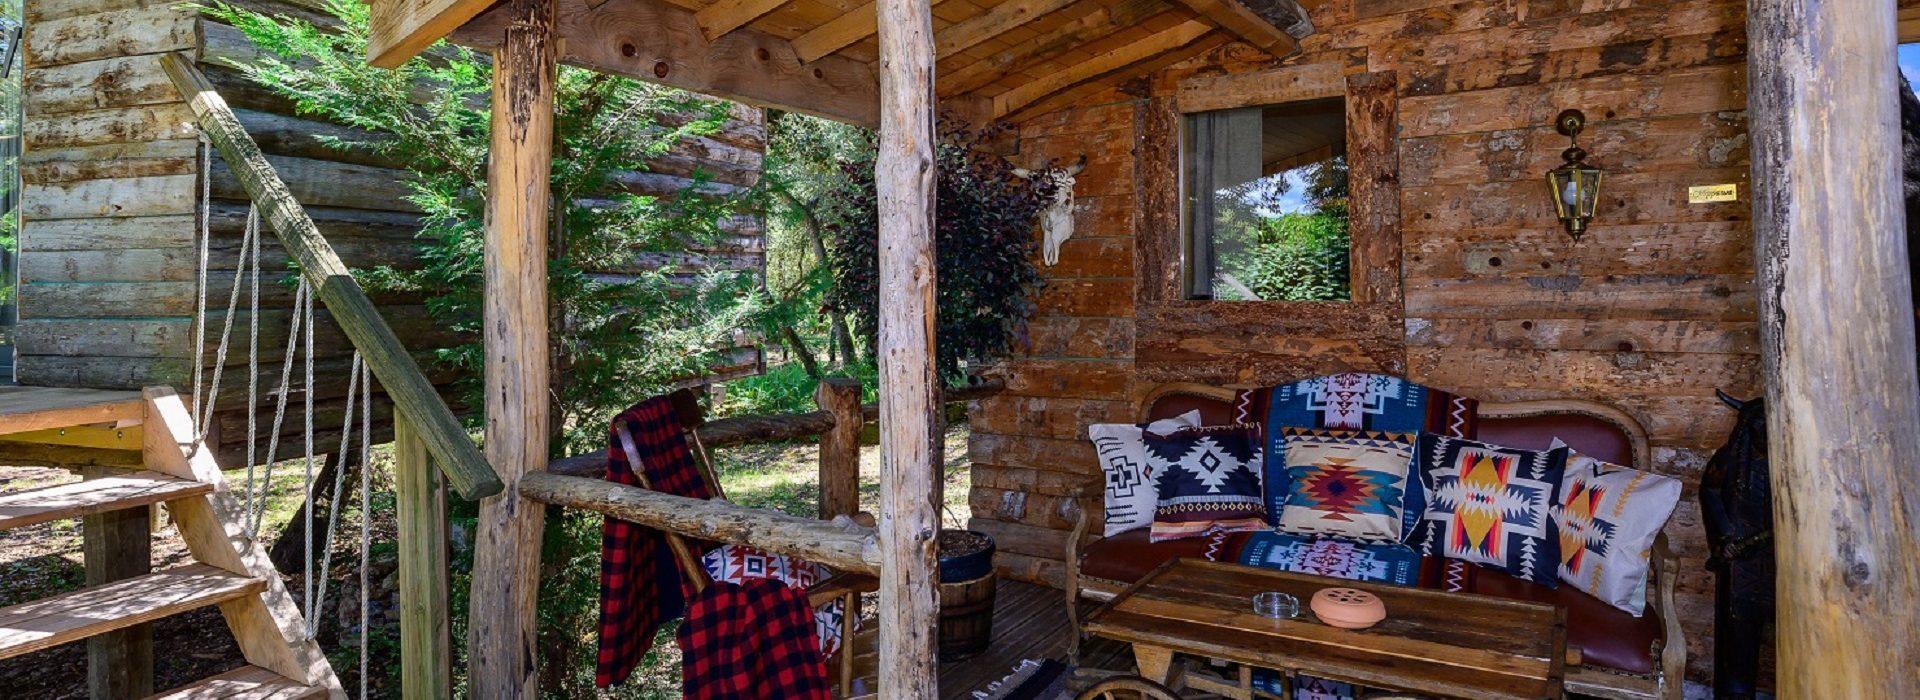 Chambre dhote insolite sud de france Chippawa